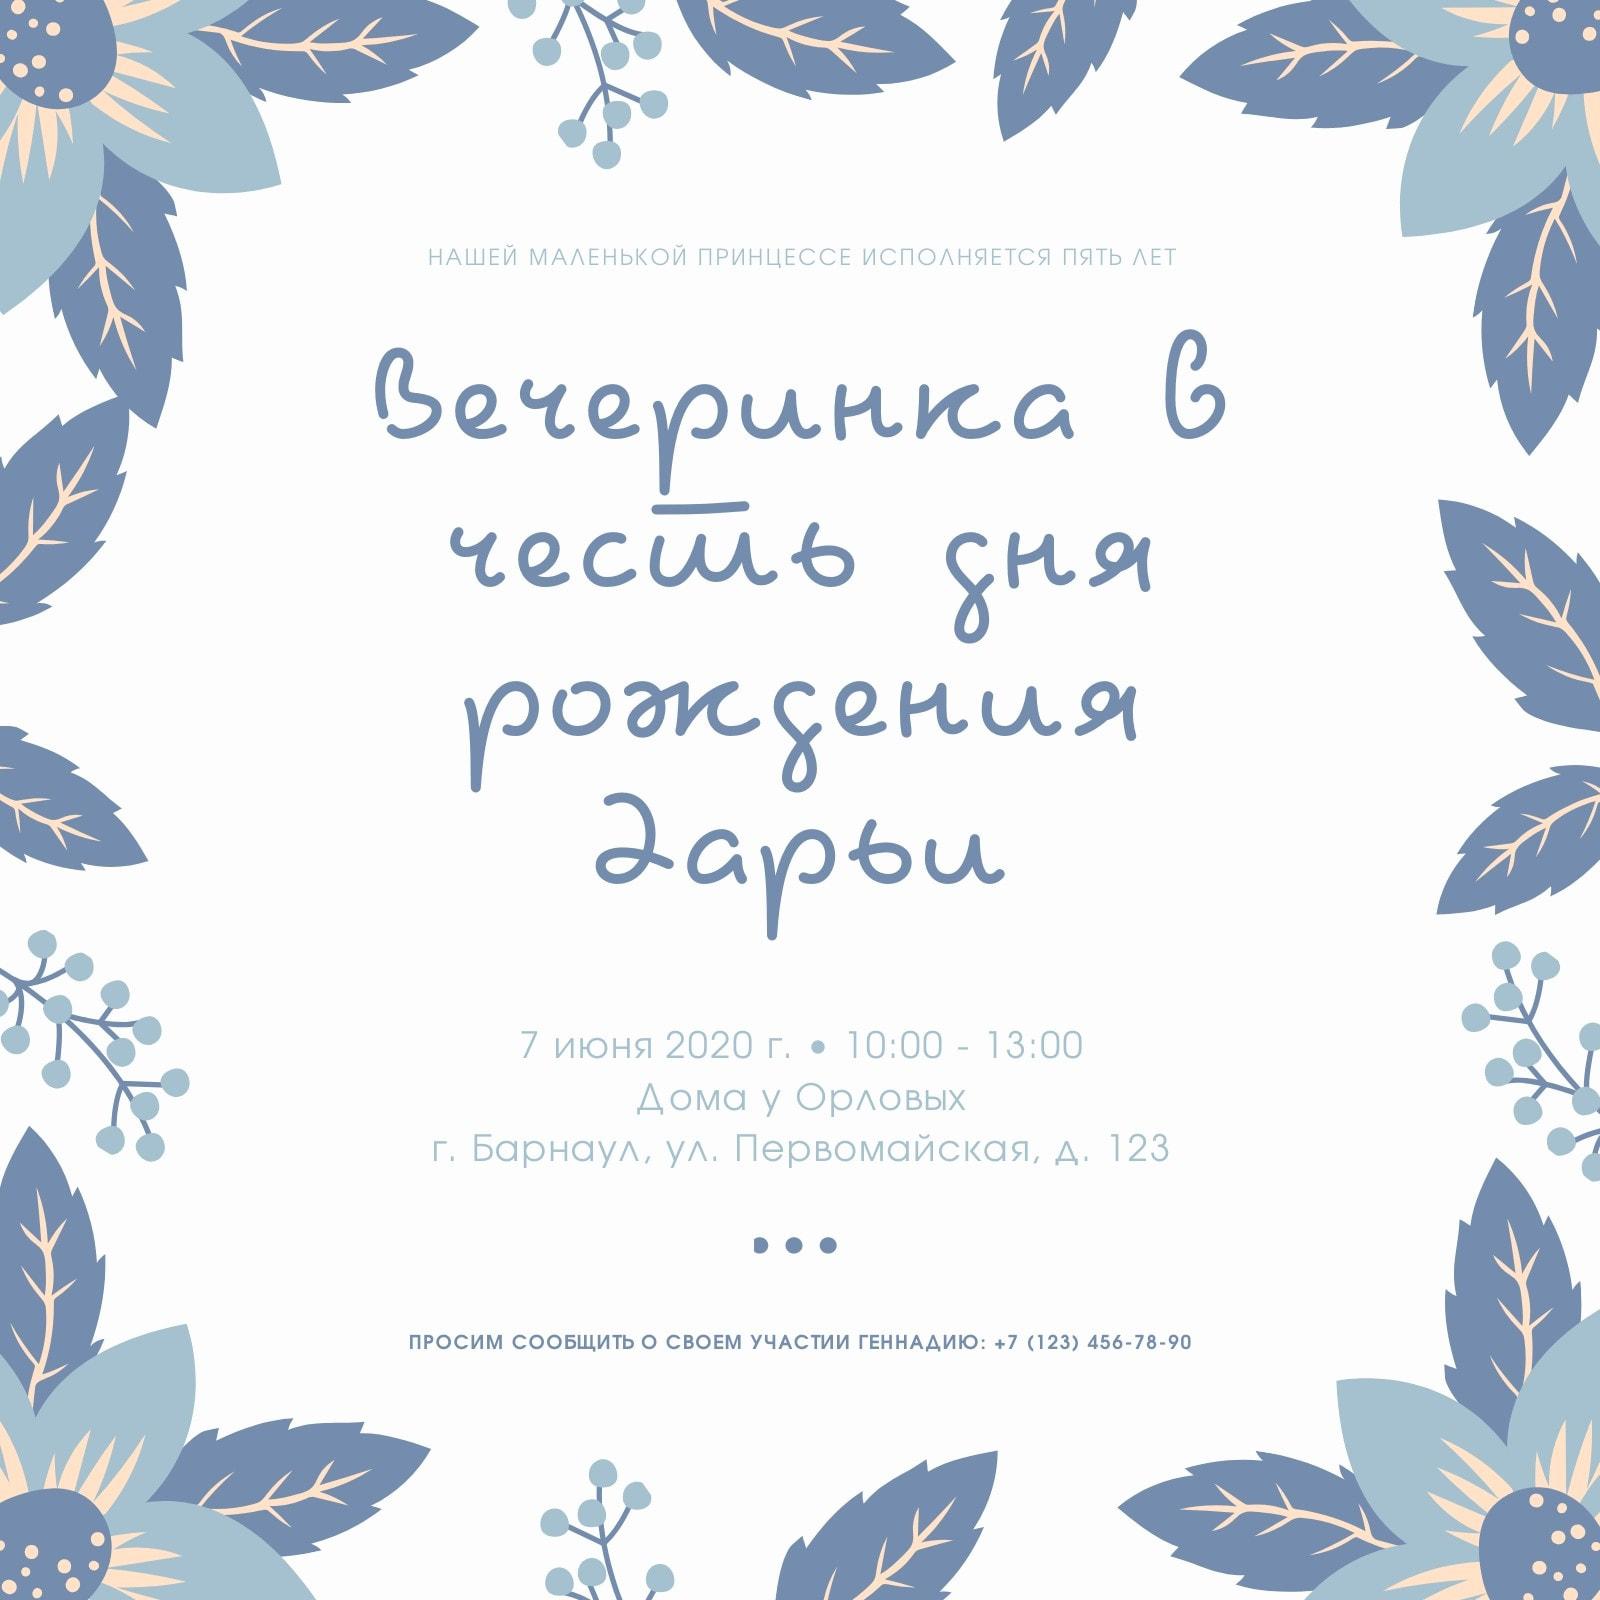 Фарфоровый Цветочный Принцесса Приглашение